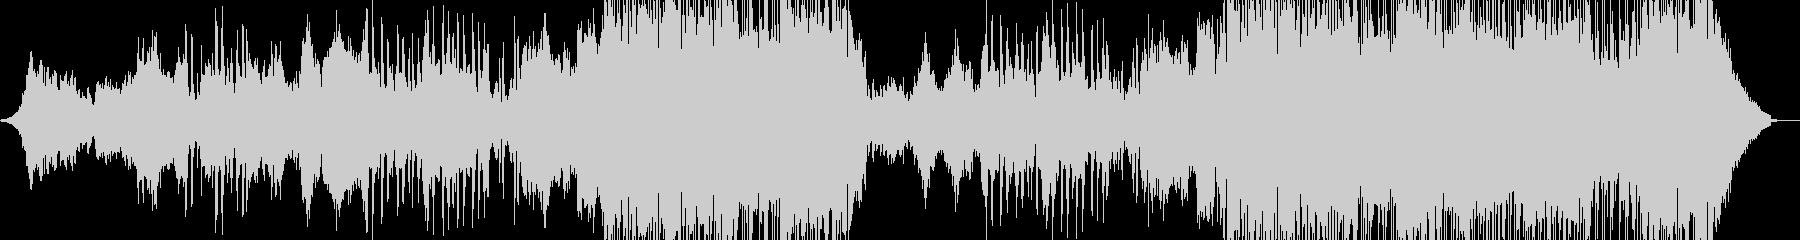 メルヘンな世界観・ガーリーポップ 長尺Bの未再生の波形